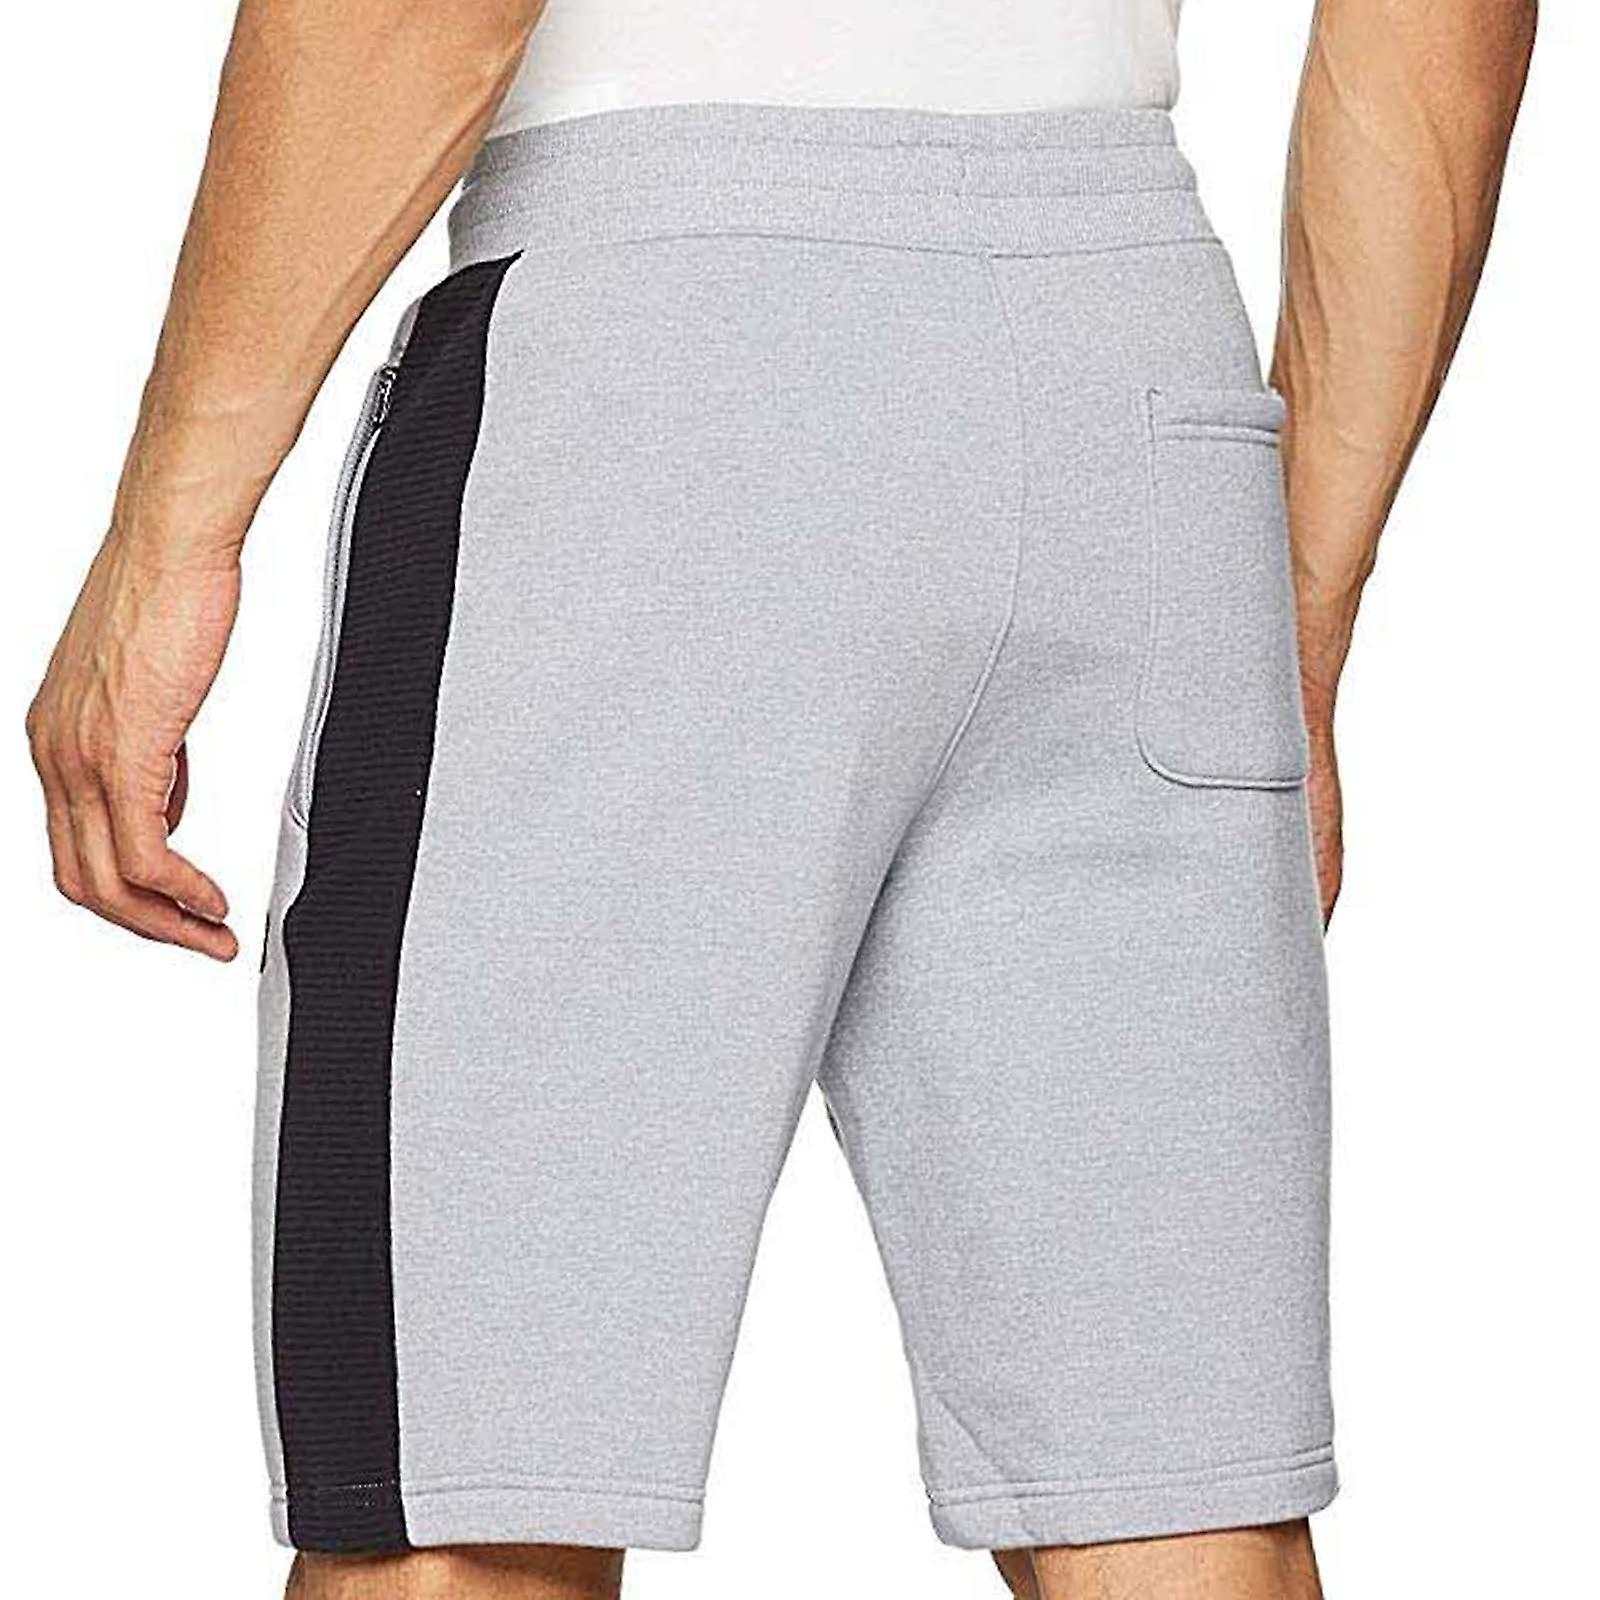 Under Armour UA menns Microthread fleece joggere bunner gym bukser shorts-grå